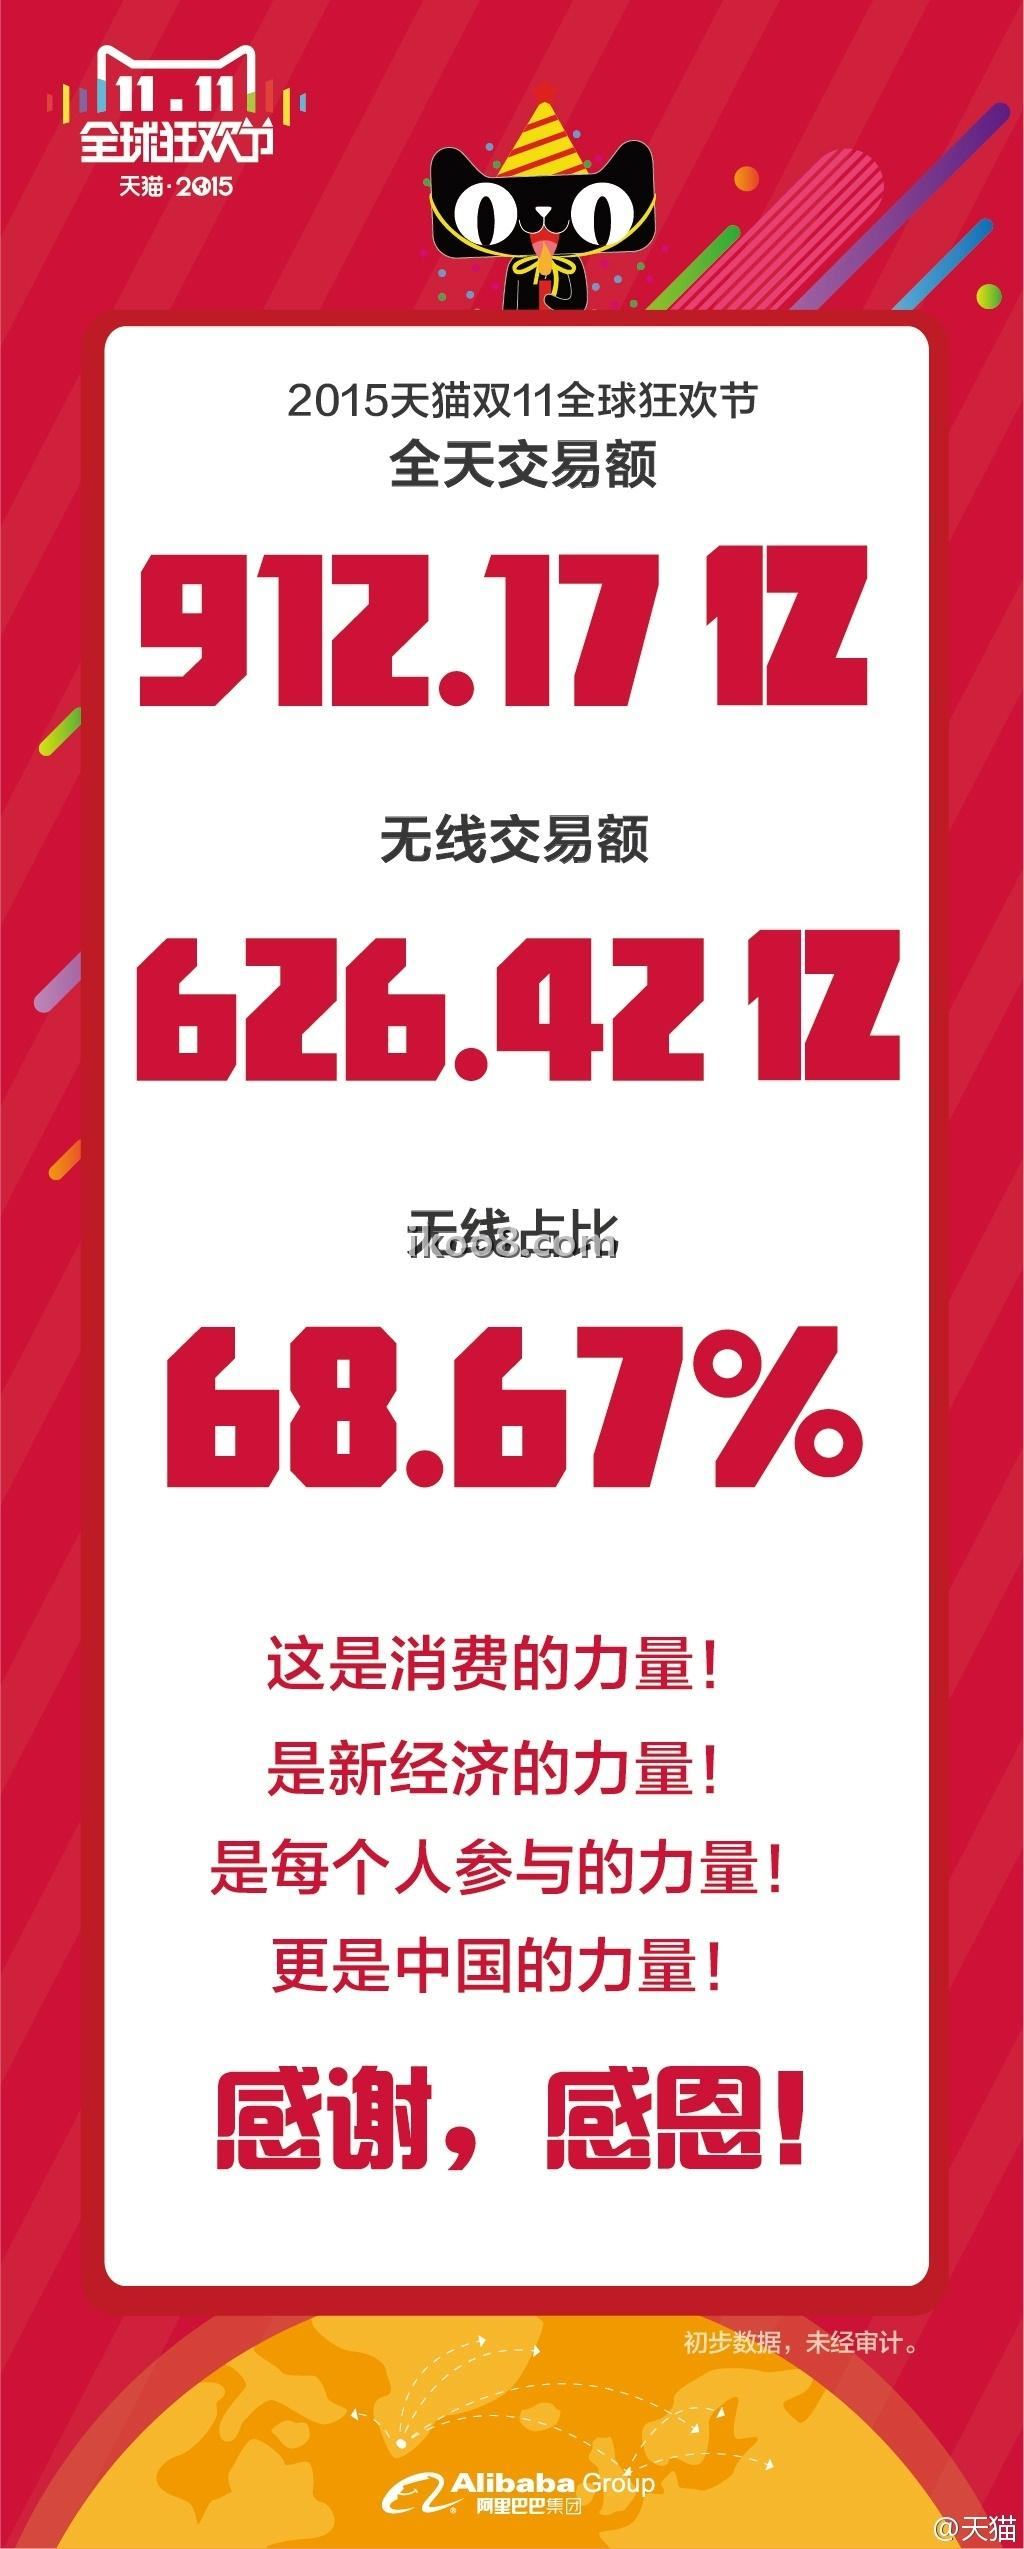 天猫双十一交易额 912.17亿,创多项纪录